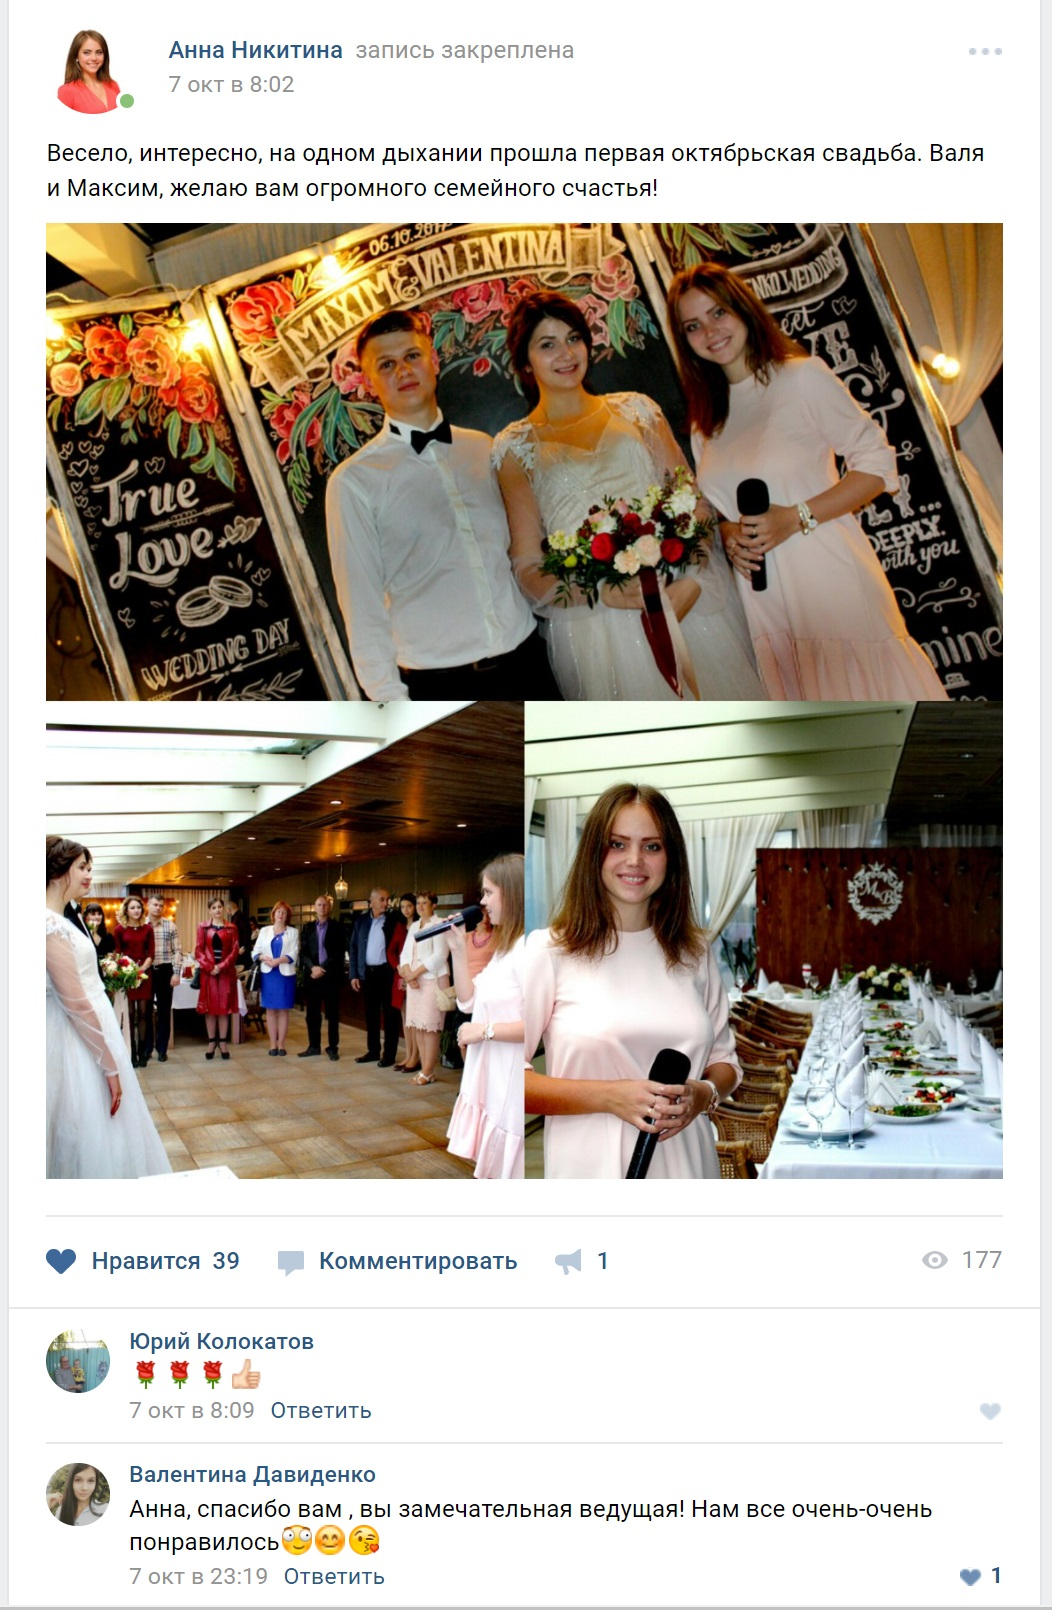 045 отзывы свадебная ведущая в днепре свадьба Максима и Вали 06 10 2017 #1